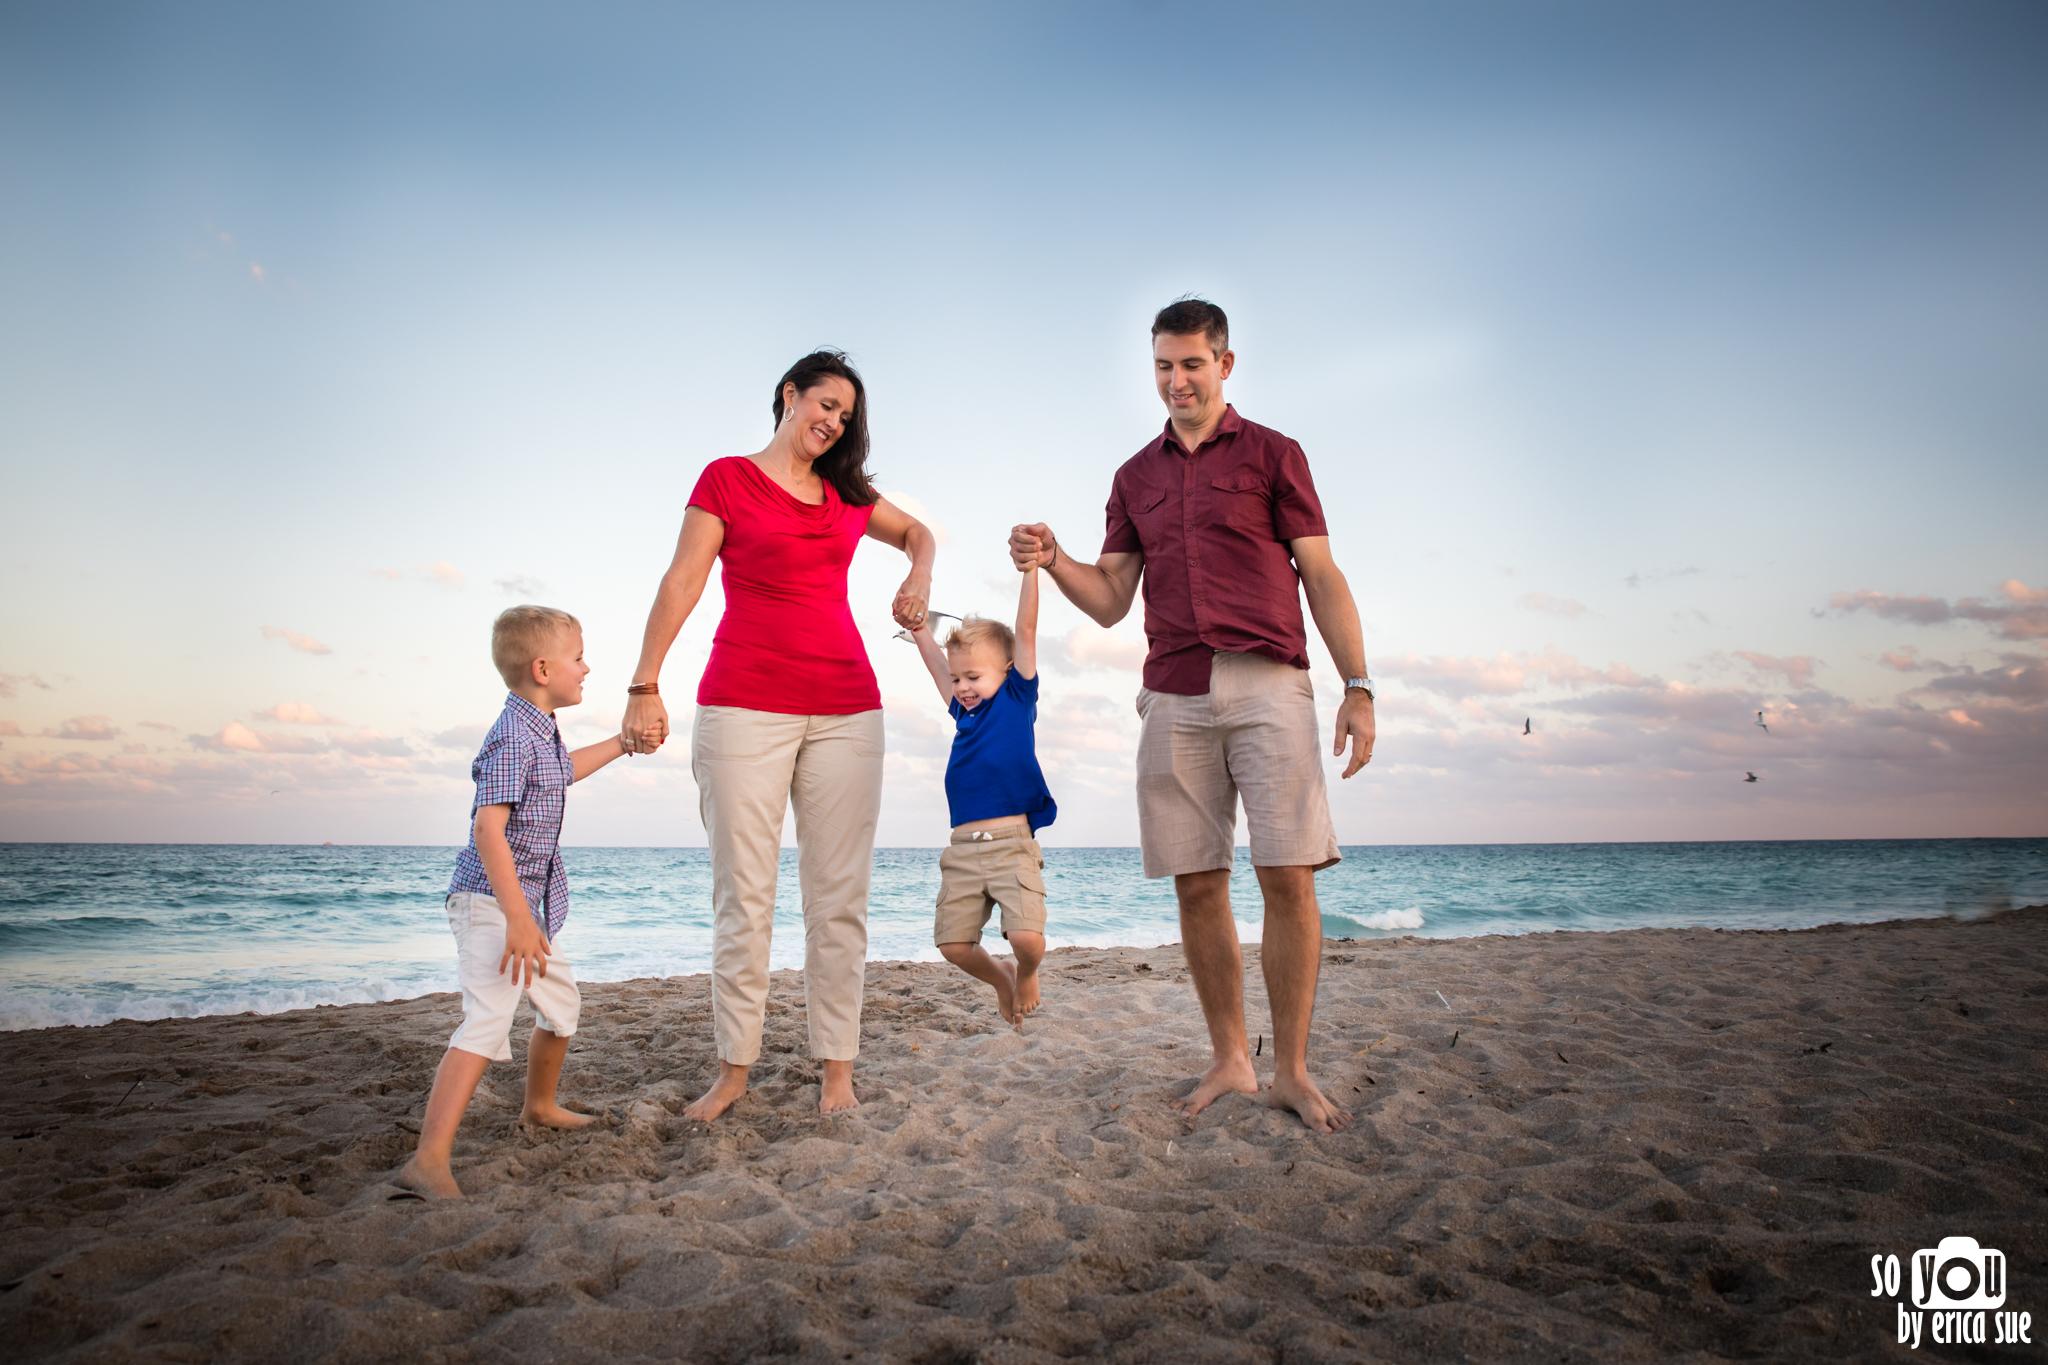 hollywood-beach-lifestyle-family-photography-0151.jpg